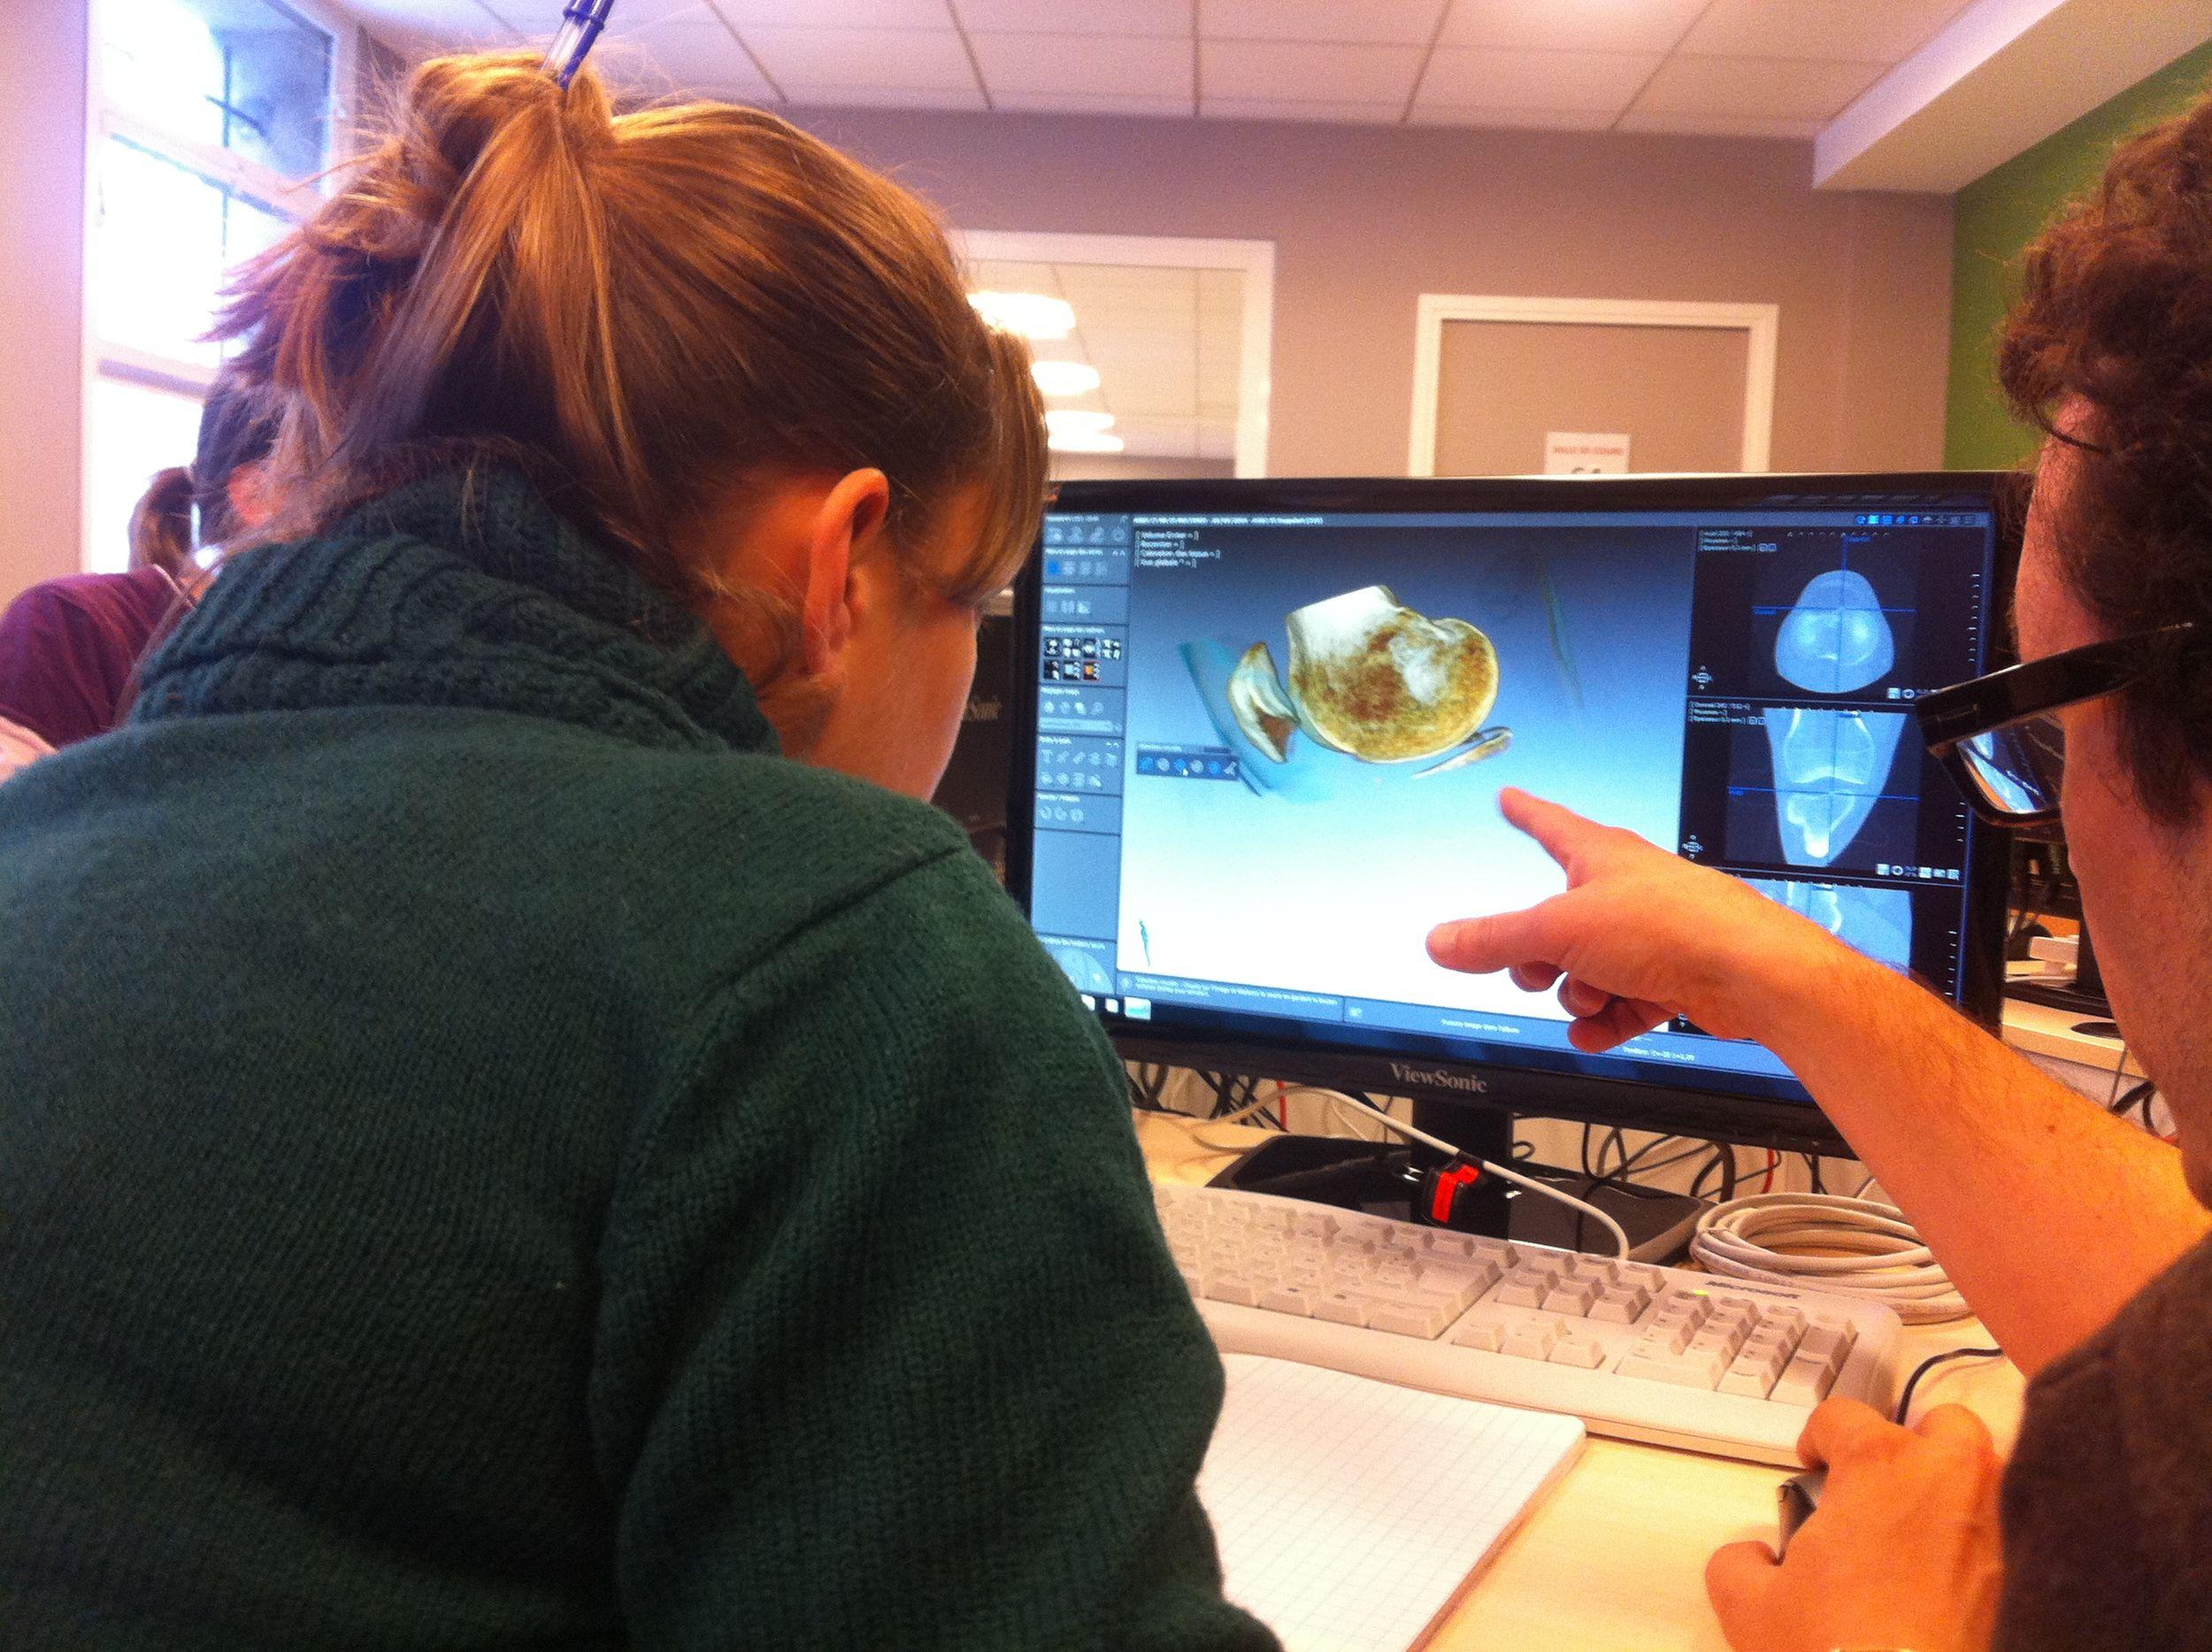 Une étudiante et son professeur devant un ordinateur dans le laboratoire de recherche de la clinique ostéobio de Cachan de l'école d'ostéopathie Ostéobio Paris